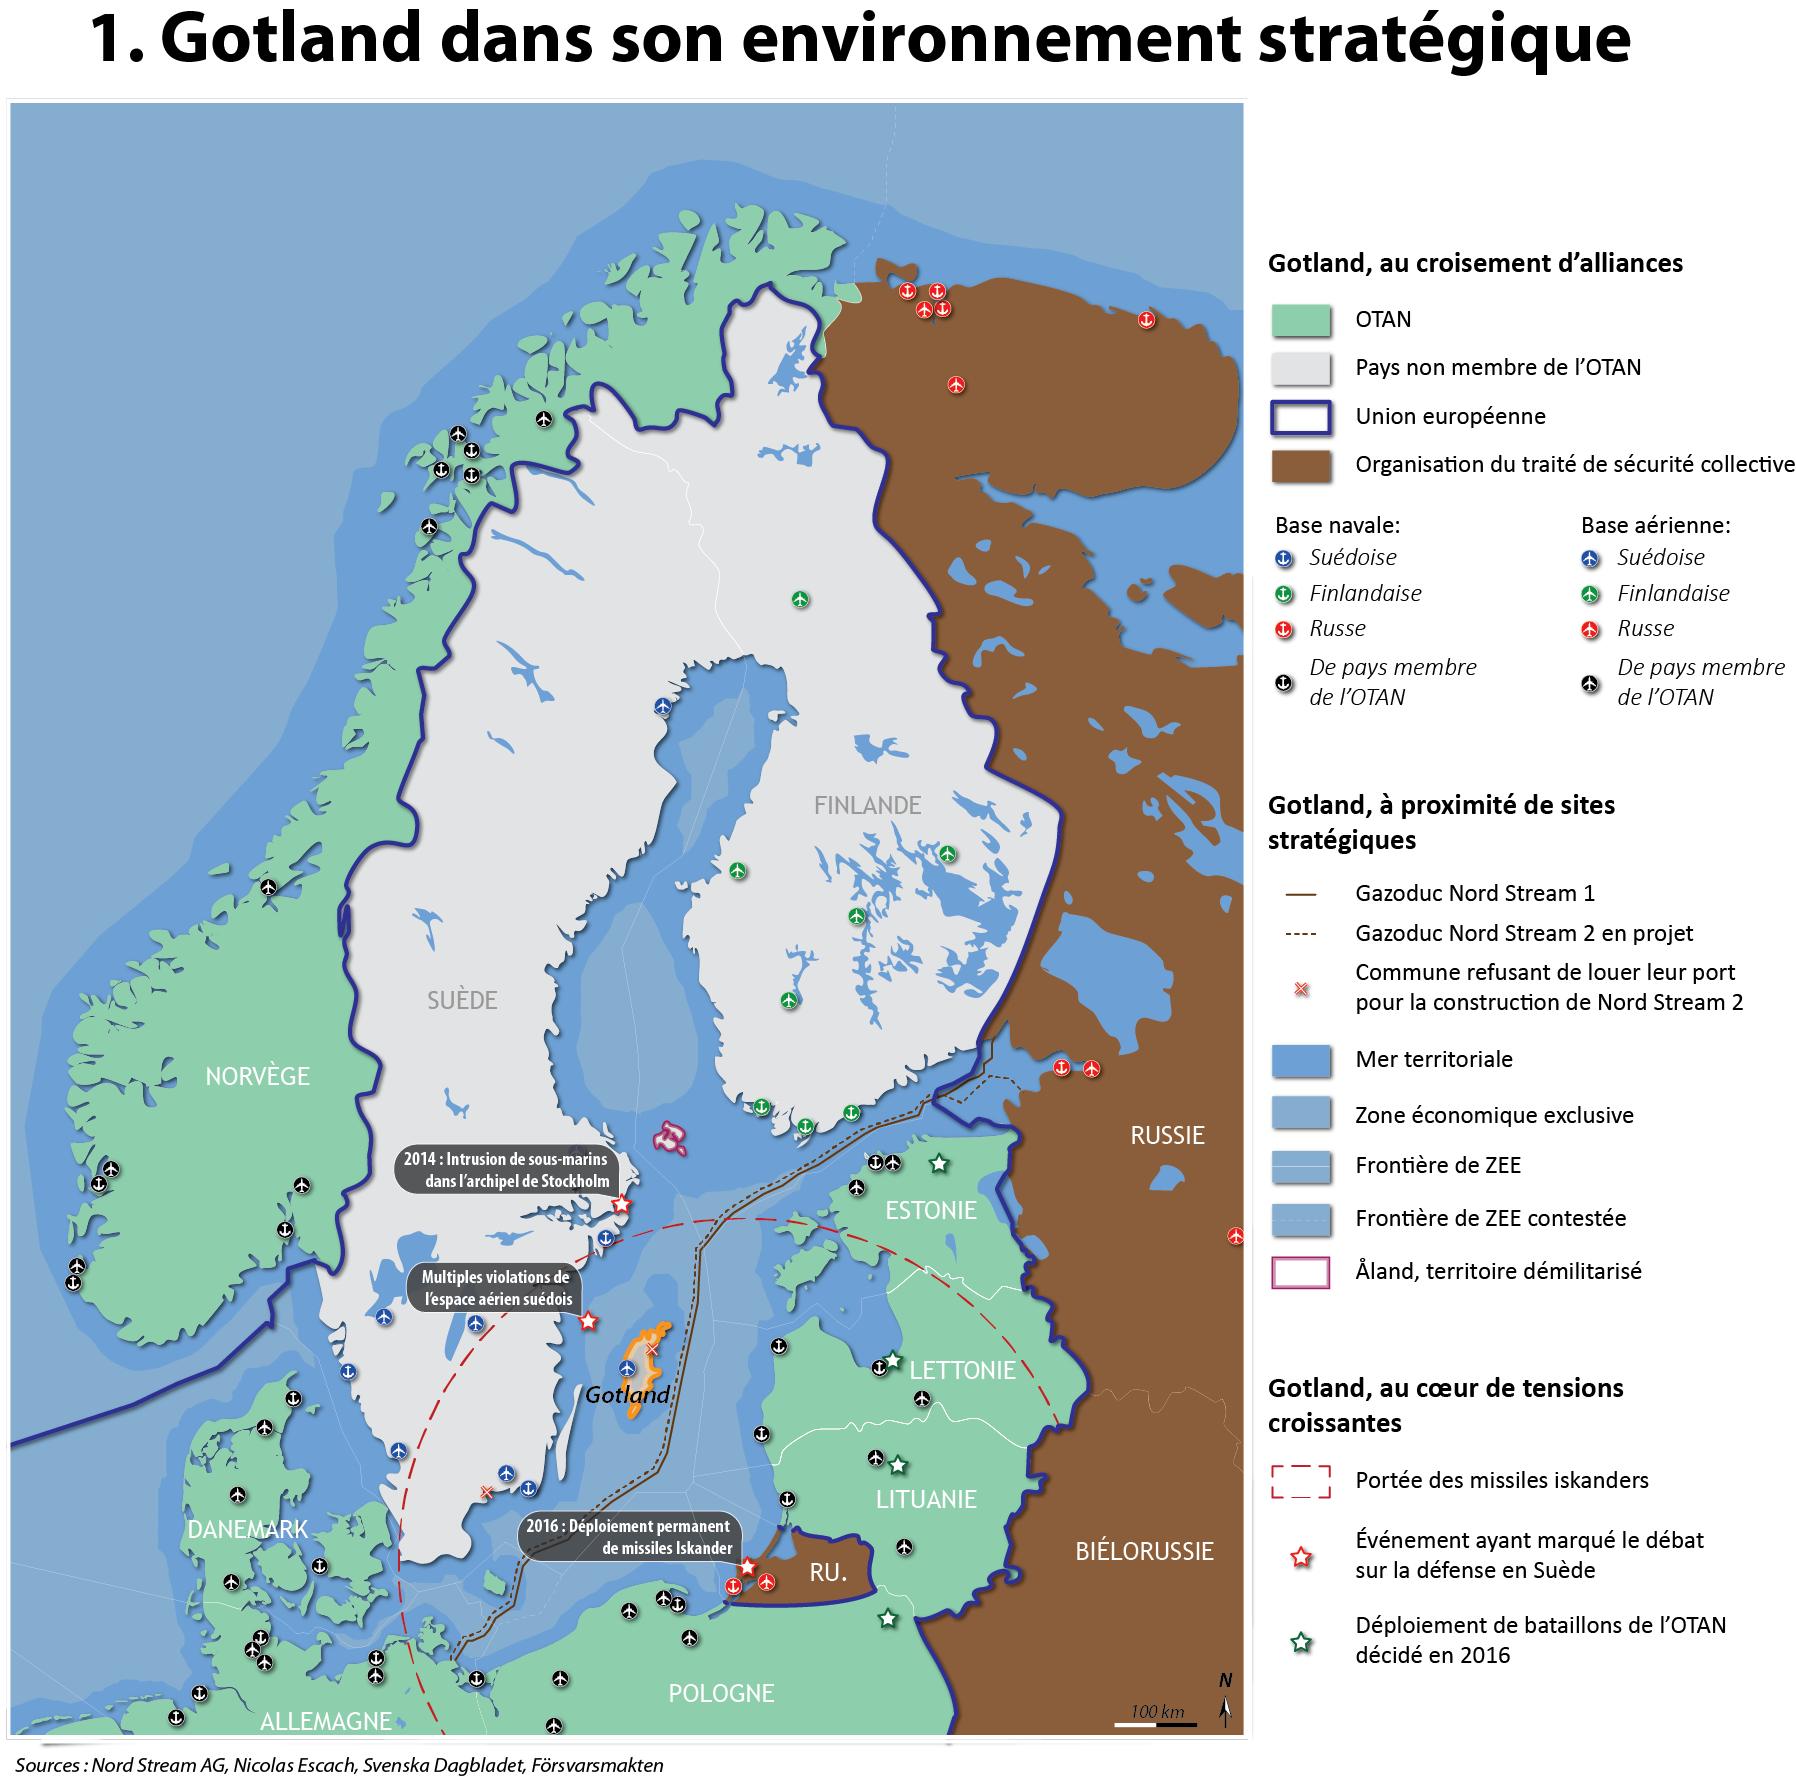 carte-gotland-strategique